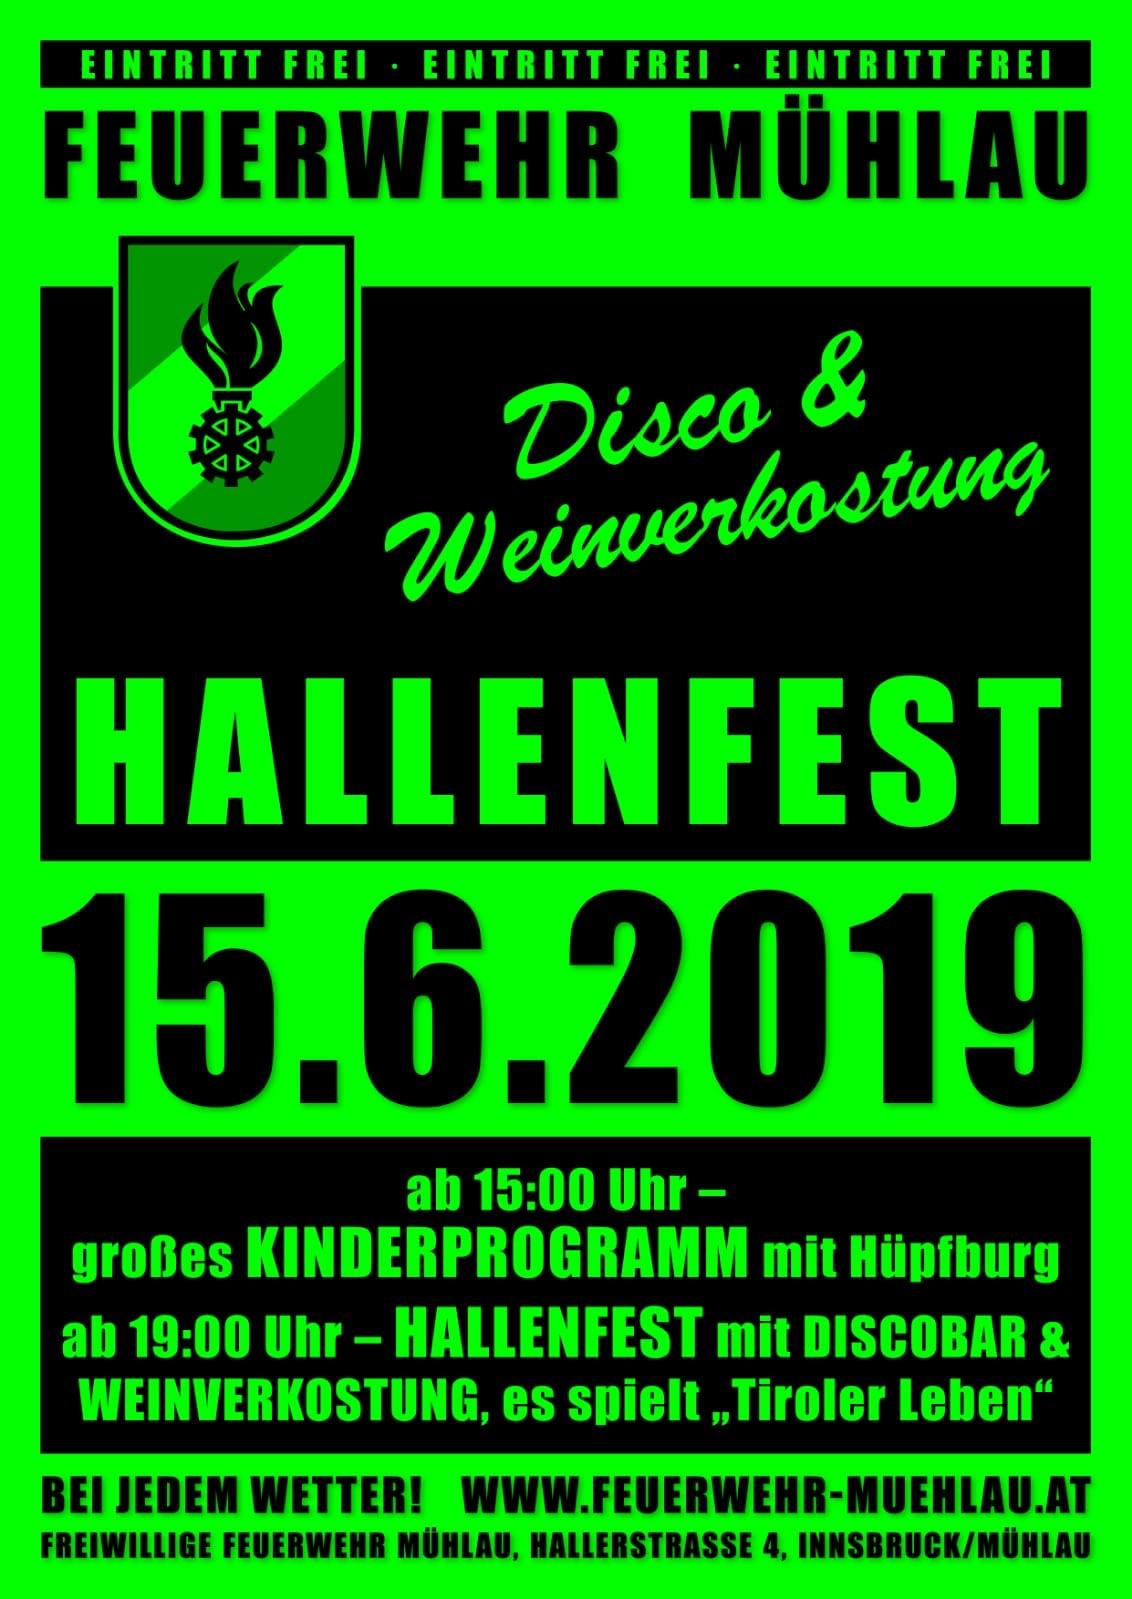 FFM Hallenfest 2019